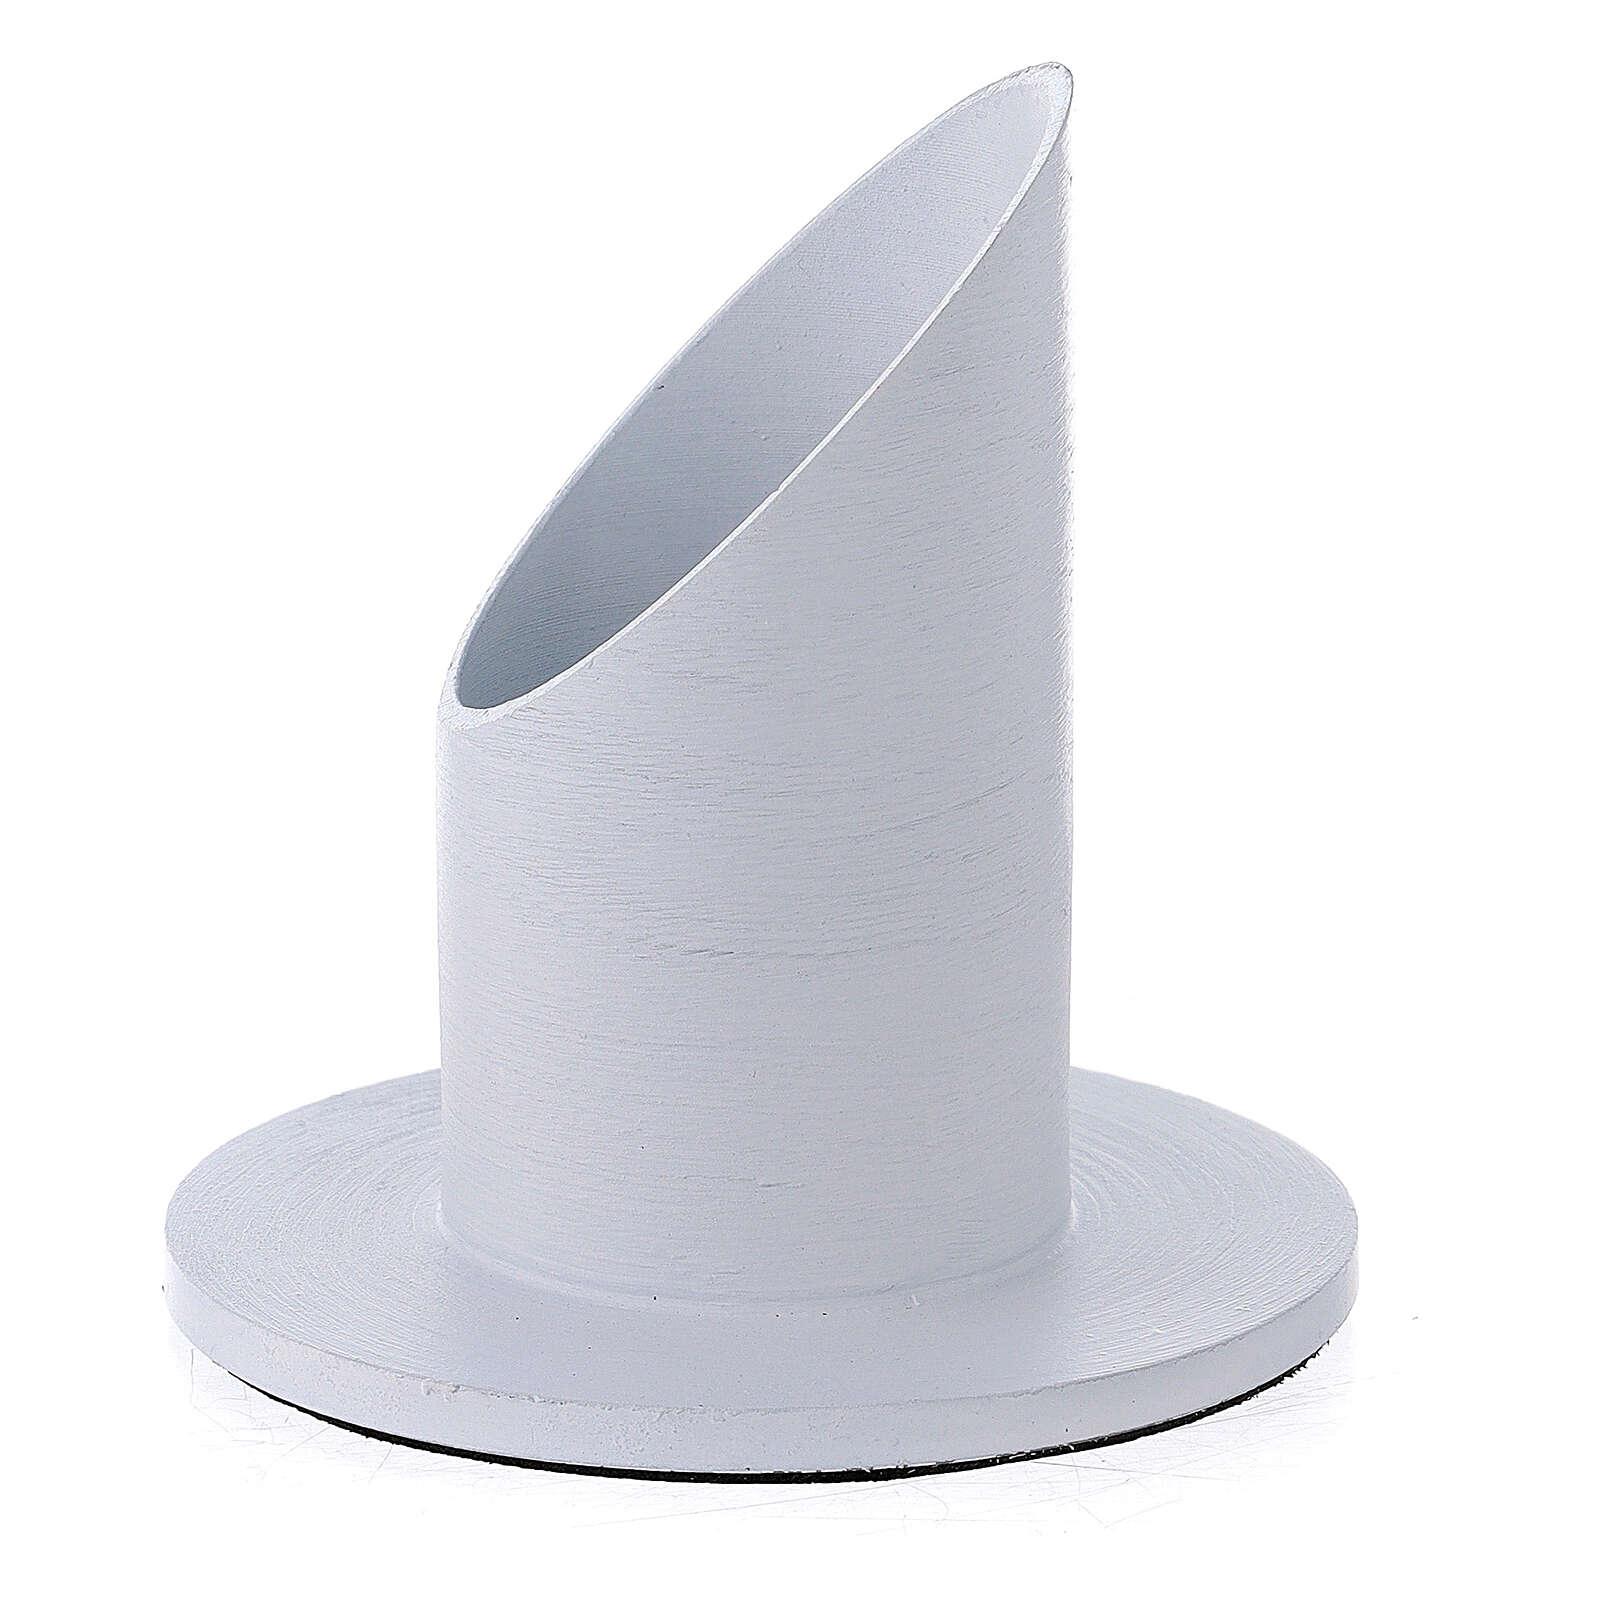 Portacandela alluminio spazzolato bianco 4 cm 3